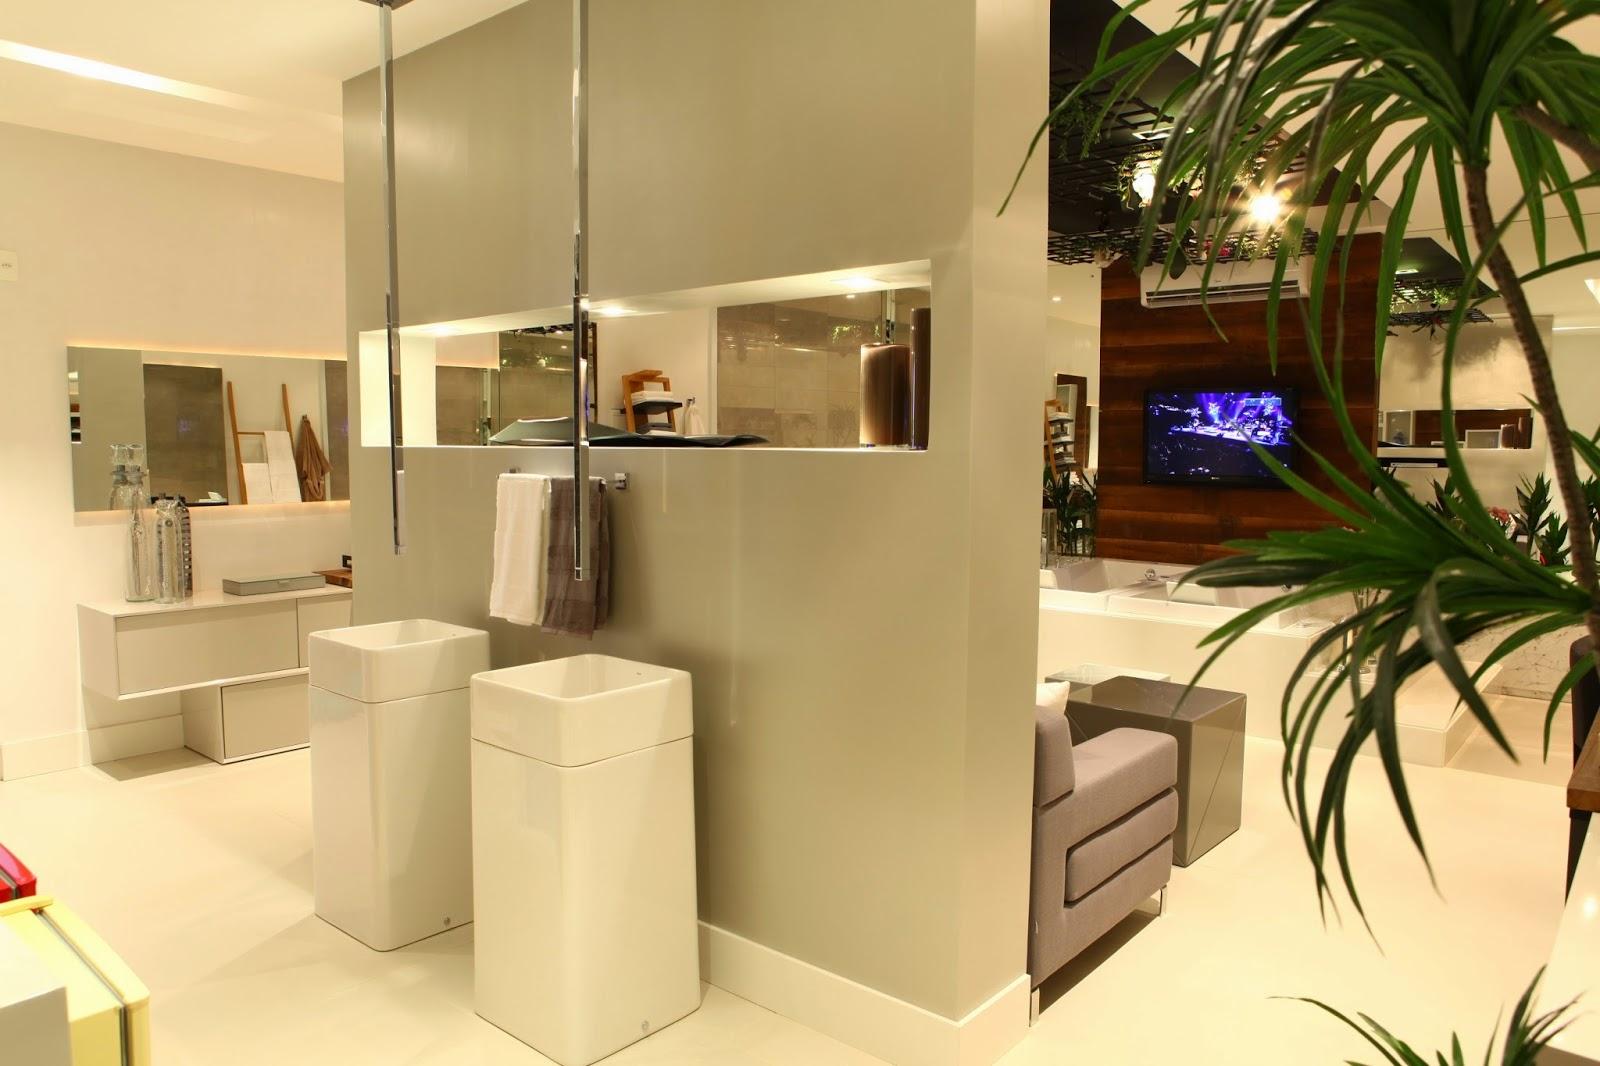 Torneiras de teto e cubas de piso. Projeto: Marília Filártiga e Beto  #C0940B 1600x1066 Acessorios Banheiro Deca